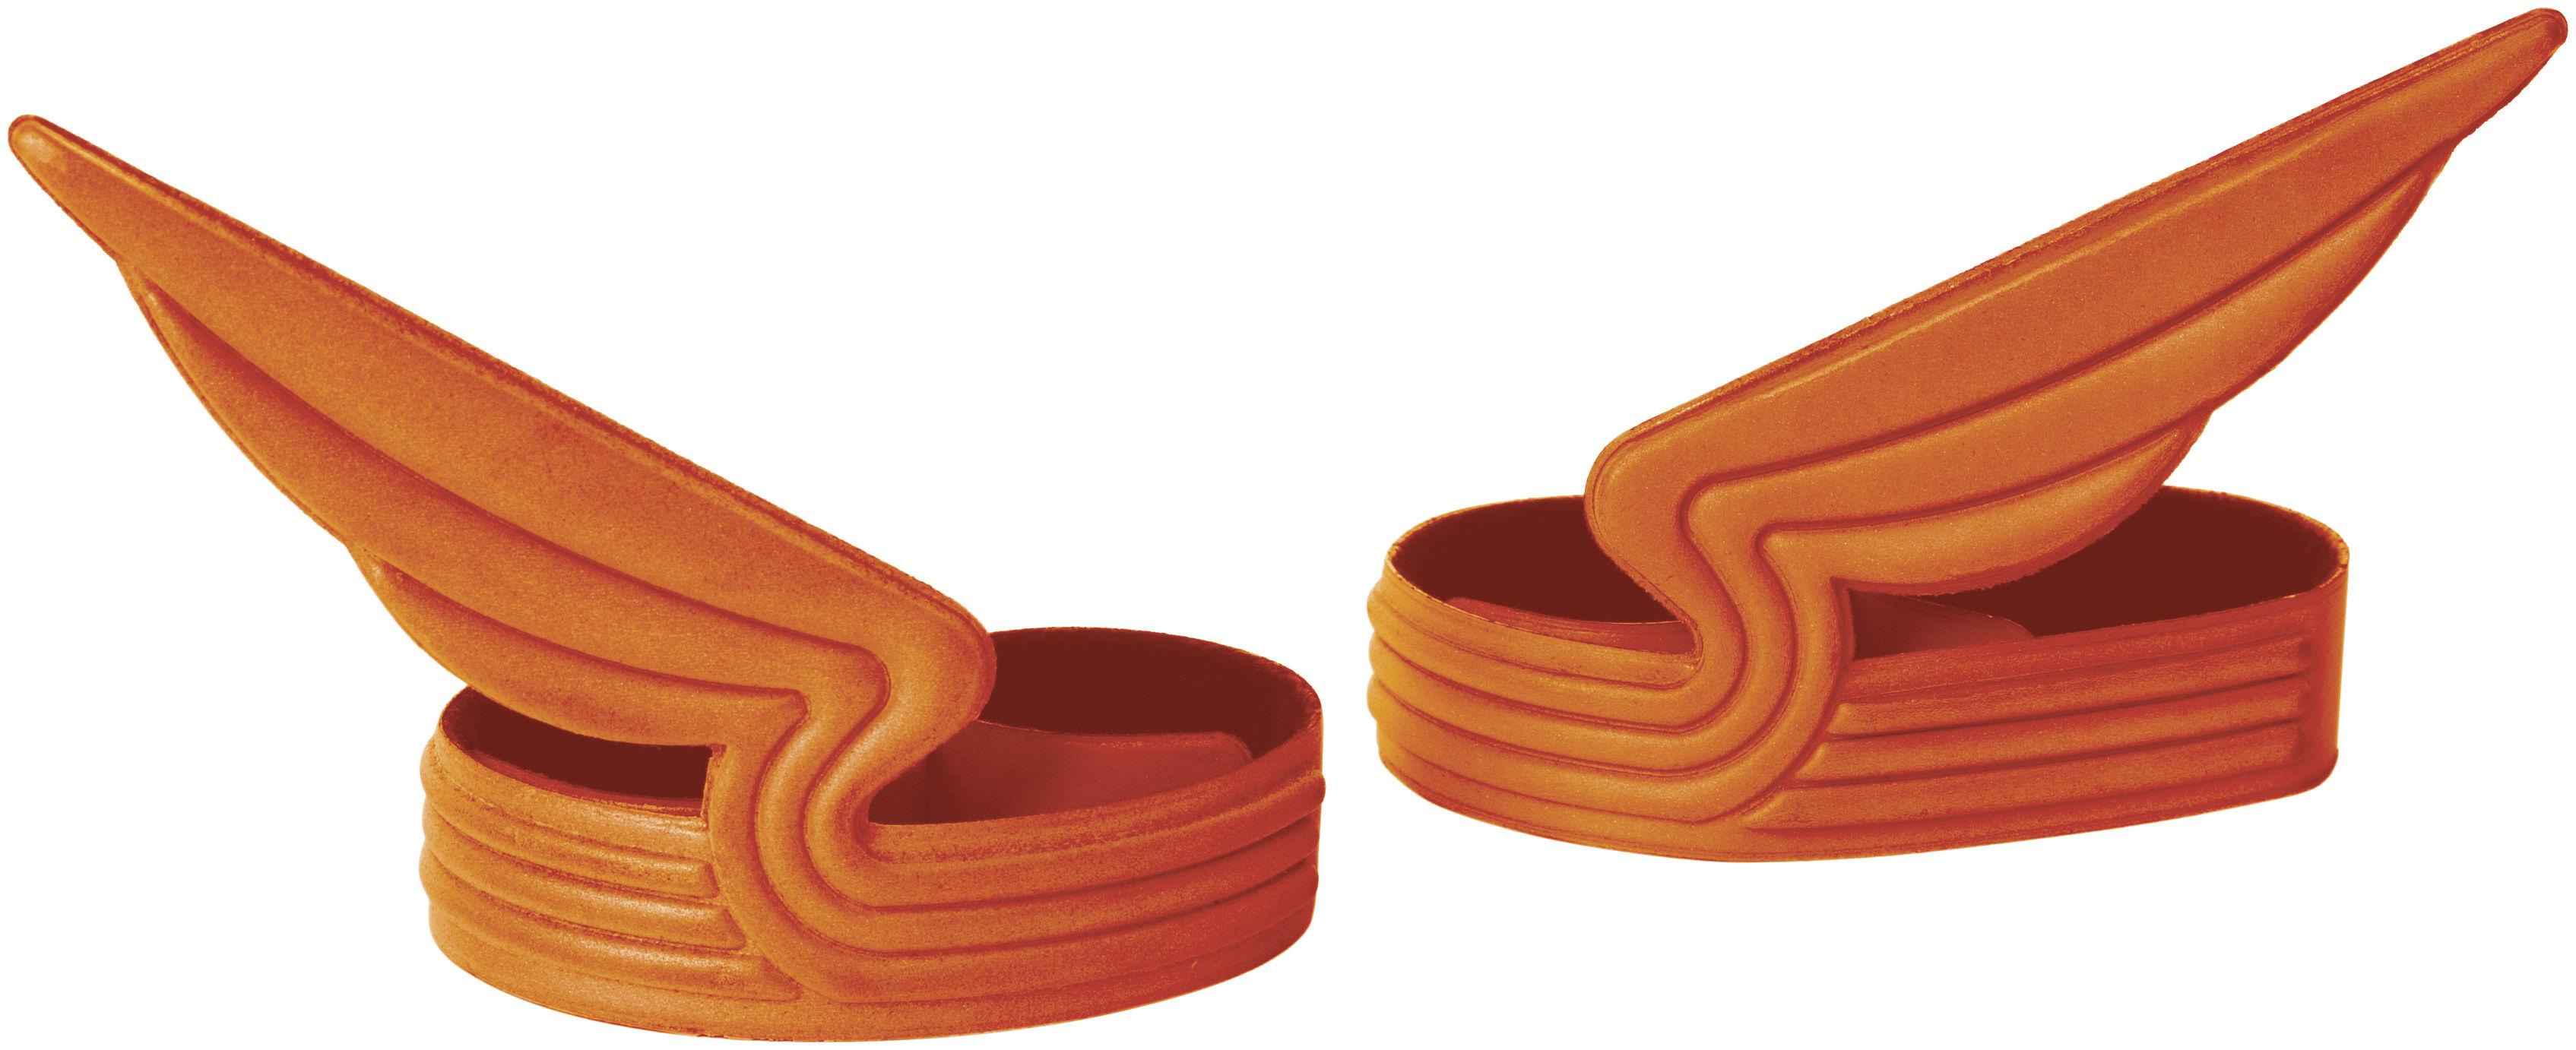 Accessoires - Pratique et malin - Pince à vélo Windrider / Pour pantalon - Set de 2 - ENOstudio - Orange - PVC réfléchissant